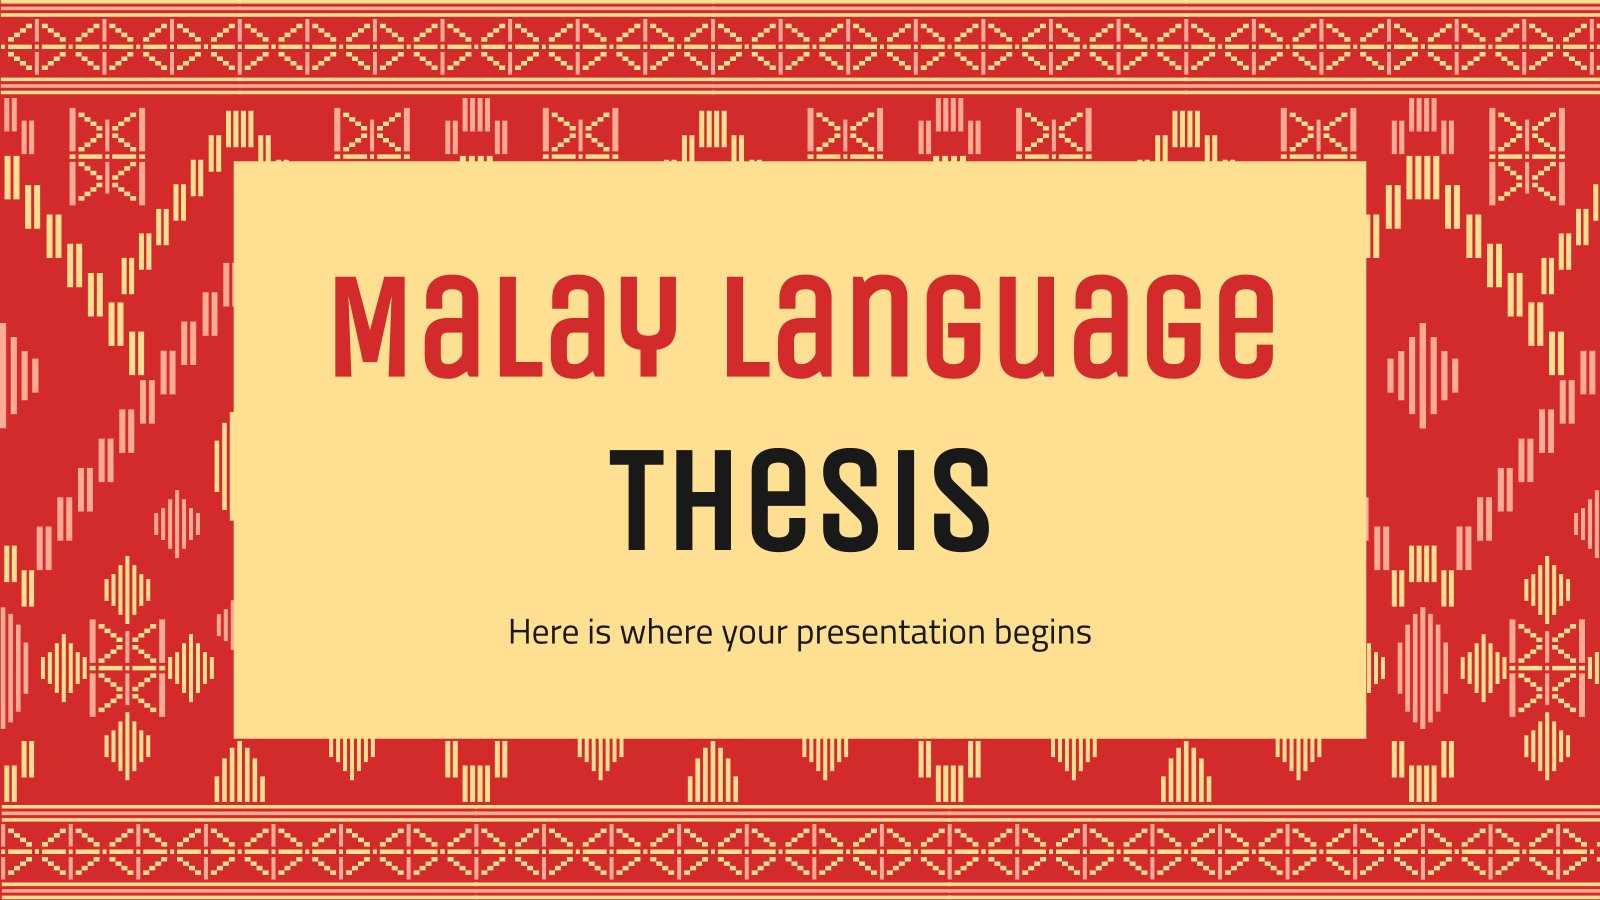 Plantilla de presentación Tesis sobre el malayo